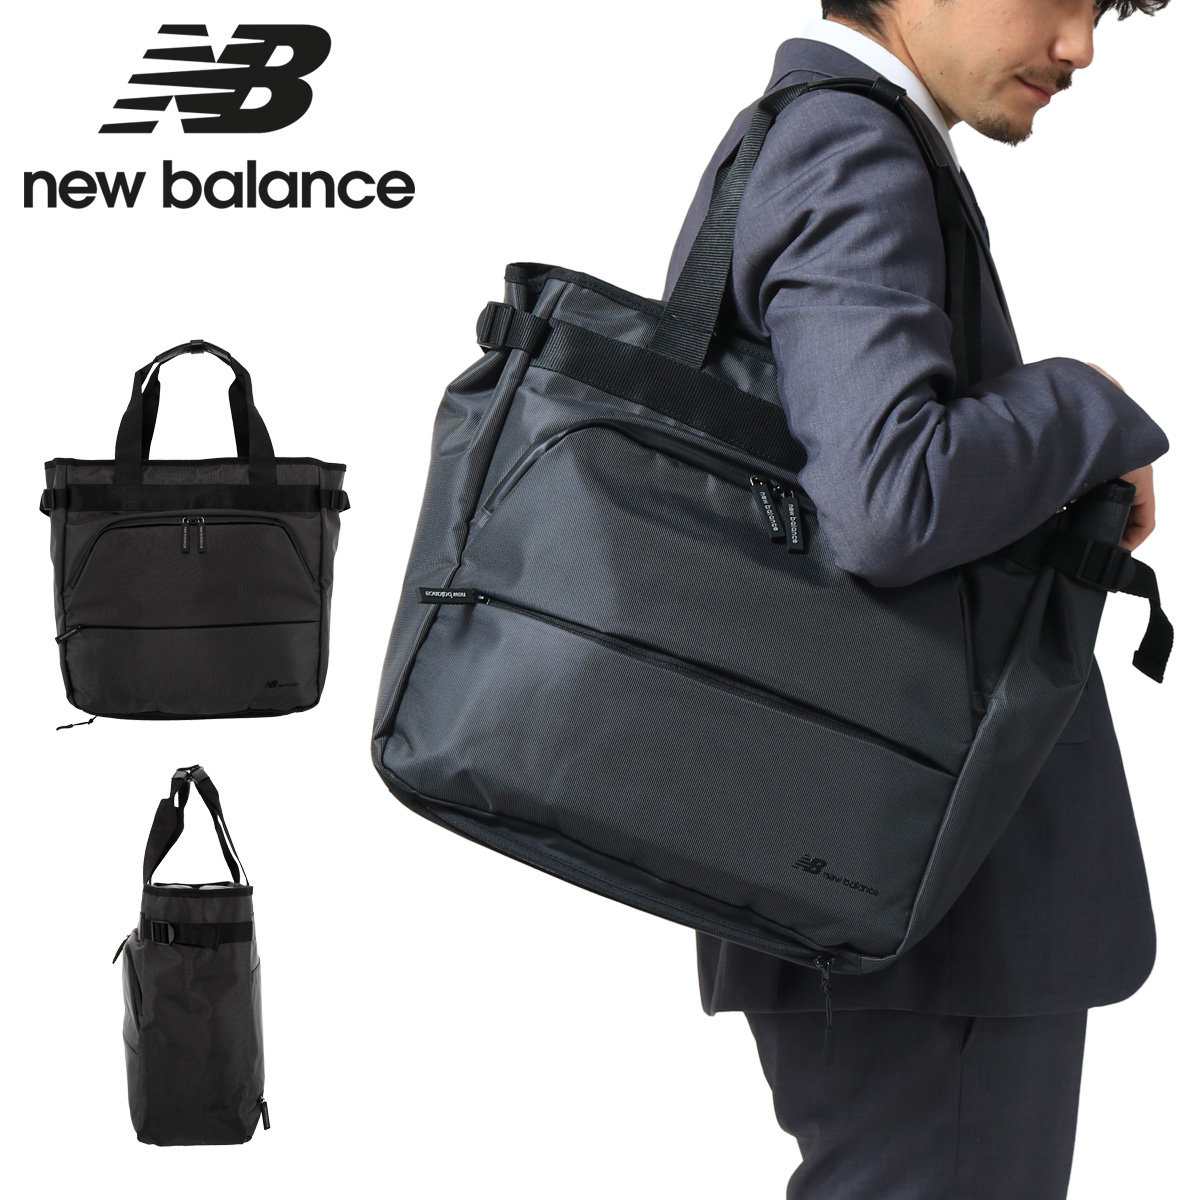 ニューバランス トートバッグ メンズ 12100002 New Balance | ビジネストート 大容量 キャリーオン 防水 撥水[即日発送][bef]